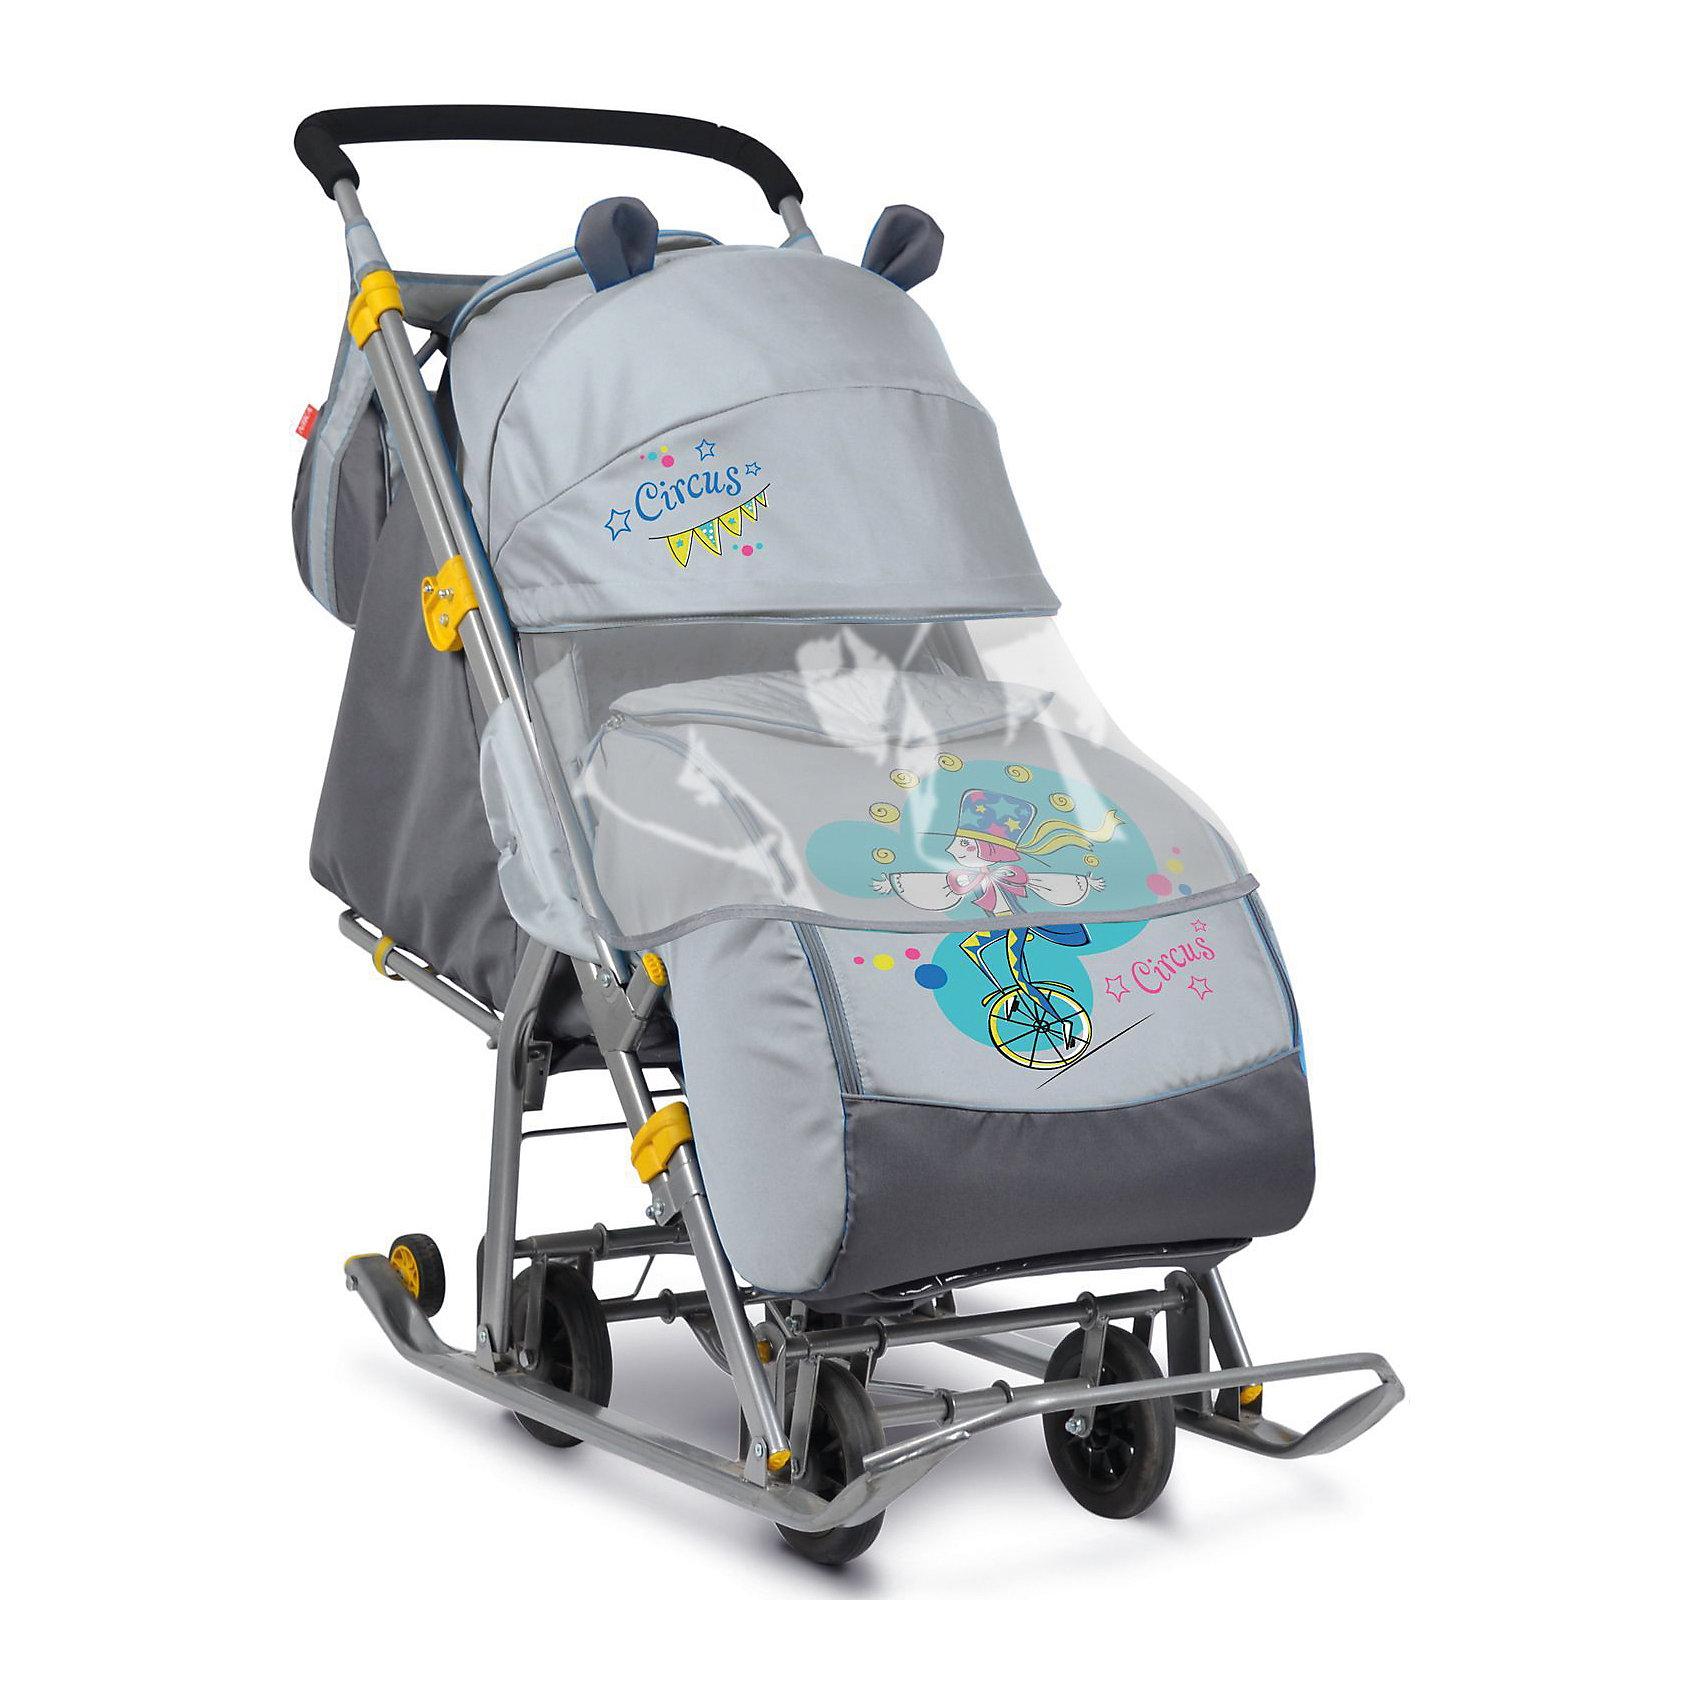 Санки-коляска Ника детям  7 (2017), Жонглер, серыйС колесиками<br>Санки-коляска Ника детям  7 (2017), Жонглер, серый<br><br>Коляска комбинированная с трансформируемым кузовом позволяет передвигаться по любой дороге. Нажатием ноги на педаль опускаются колеса, и вы можете везти коляску по асфальту или по гладкому полу. Еще одно нажатие — коляска трансформируется в санки и снова скользить по снегу!<br><br>• механизм смены полозьев на колеса<br>• плоские полозья 40 мм с большими обрезиненными колесами<br>• пятиточечный ремень безопасности<br>• складной высокий трехсекционный козырек с декоративными ушками<br>• спинка регулируется до положения лежа<br>• подножка с регулируемым наклоном ног, позволяющая ребенку в положении лежа комфортно вытягивать ножки<br>• перекидная ручка<br>• чехол для ног с 2-мя молниями для удобного открывания с двух сторон<br>• широкое посадочное место 385 мм<br>• ширина полозьев 445 мм<br>• ширина колесной базы 280 мм<br>• высота санок на полозьях 1030 мм<br>• высота санок на колесах 1095 мм<br>• смотровое окошко для наблюдения за ребенком<br>• светоотражающий кант<br>• сумка с кармашками для полезных мелочей<br>• размер в сложенном положении 1105х445х280 мм<br>• вес изделия 10,8 кг<br><br>В моделях 2017 года - съемный прозрачный тент-дождевик для защиты от ветра и осадков<br><br>Санки-коляска Ника детям  7 (2017), Жонглер, серый, можно купить в нашем интернет-магазине.<br><br>Ширина мм: 1150<br>Глубина мм: 470<br>Высота мм: 460<br>Вес г: 11500<br>Цвет: серый<br>Возраст от месяцев: 12<br>Возраст до месяцев: 48<br>Пол: Мужской<br>Возраст: Детский<br>SKU: 7128827